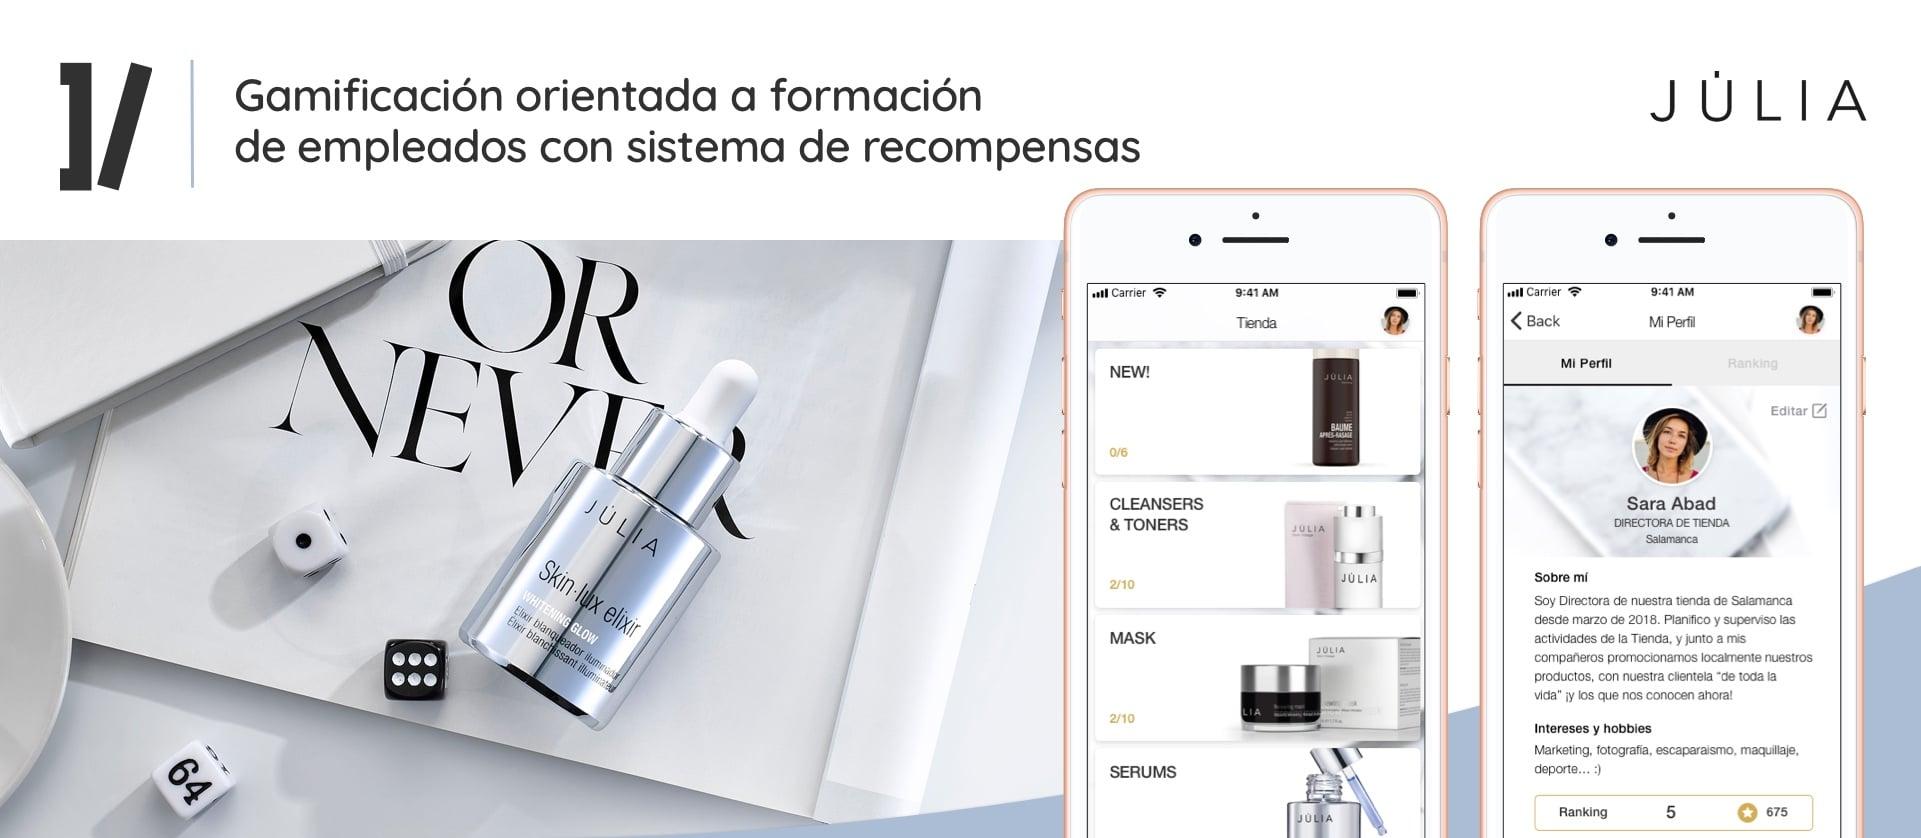 Perfumerías Julia